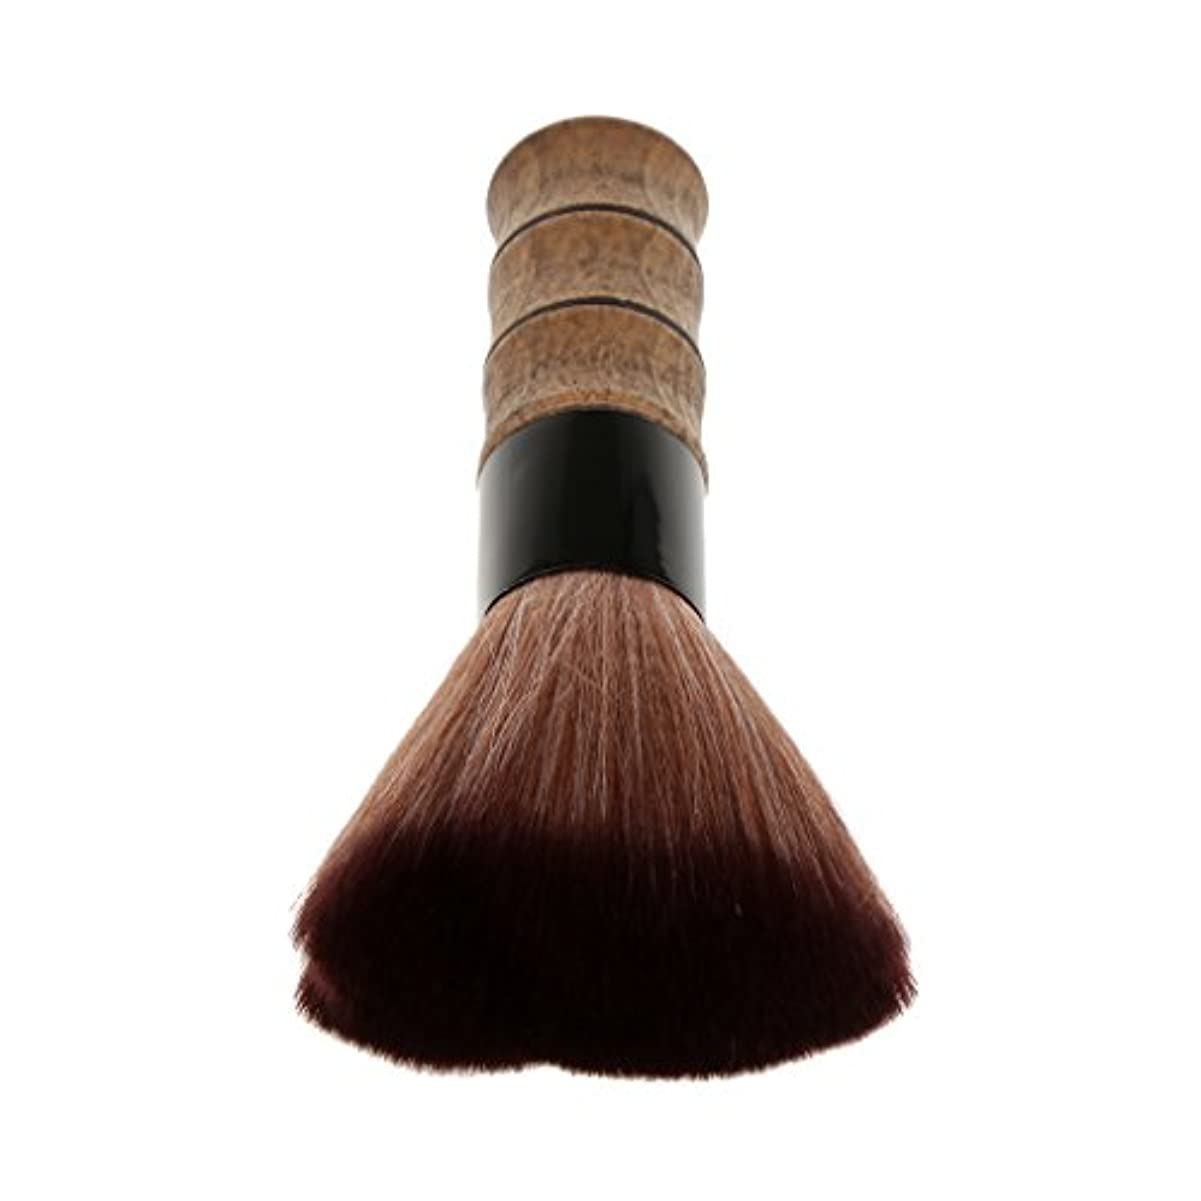 シェービングブラシ 洗顔 美容ブラシ メイクブラシ ソフトファイバー 竹ハンドル シェービング ブラシ スキンケア メイクアップ 2色選べる - 褐色